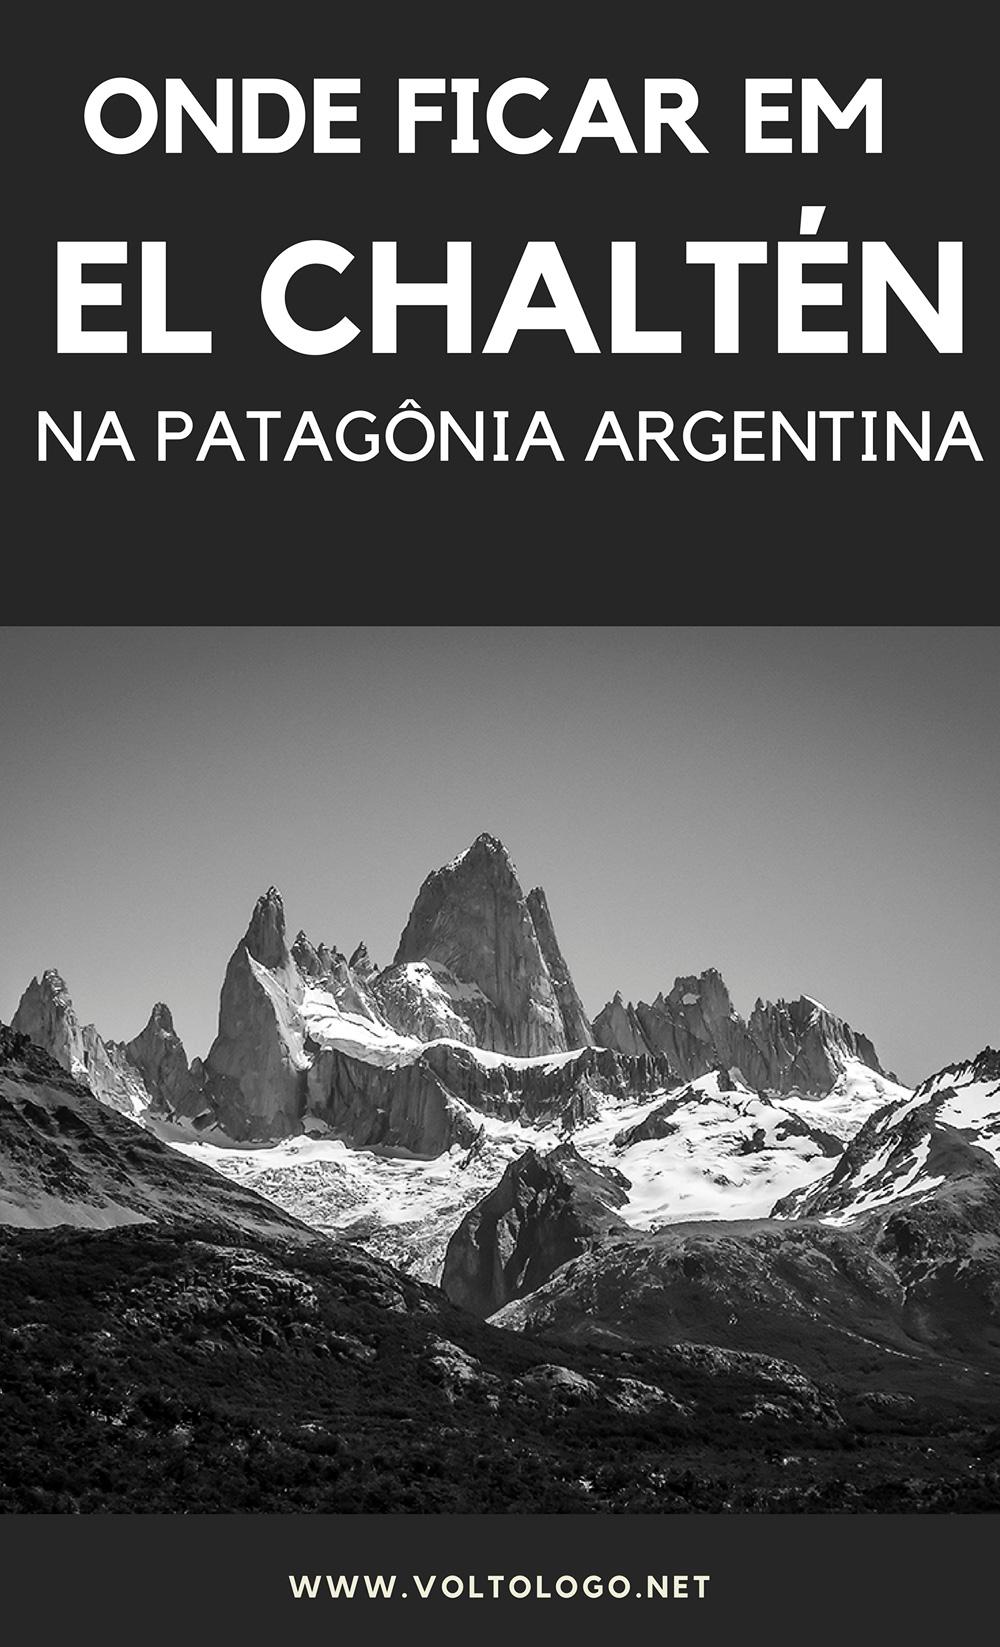 Onde ficar em El Chaltén, na Patagônia da Argentina: Descubra qual a melhor região para se hospedar, além de hostels e hotéis que são bem avaliados e têm ótimos preços!